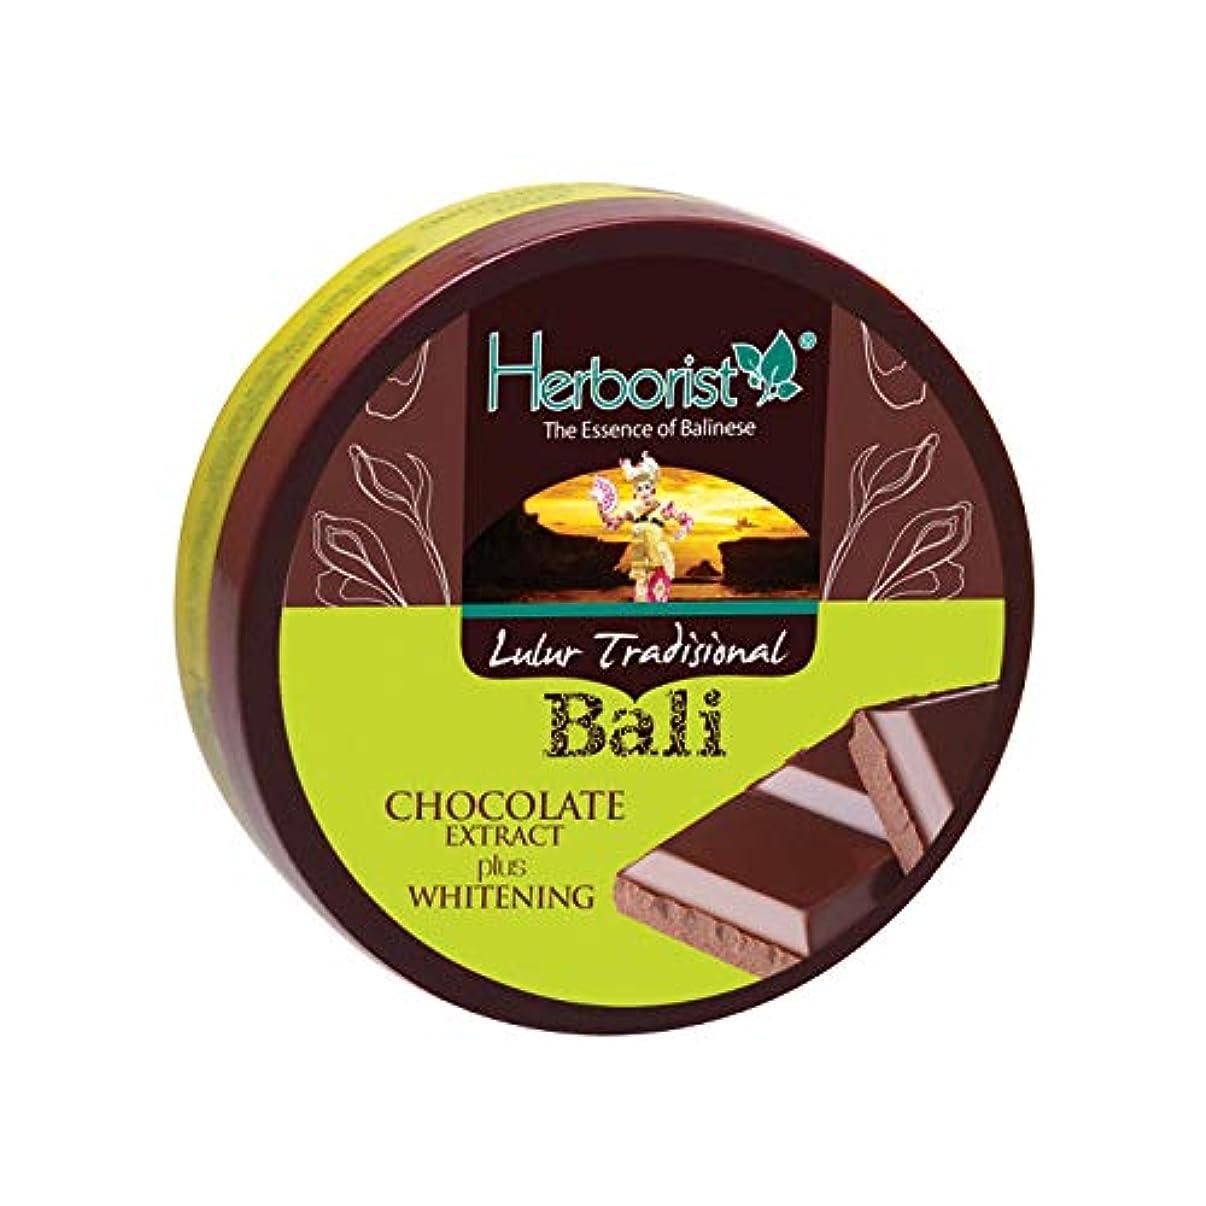 看板免除負担Herborist ハーボリスト インドネシアバリ島の伝統的なボディスクラブ Lulur Tradisional Bali ルルールトラディショナルバリ 100g Chocolate チョコレート [海外直送品]